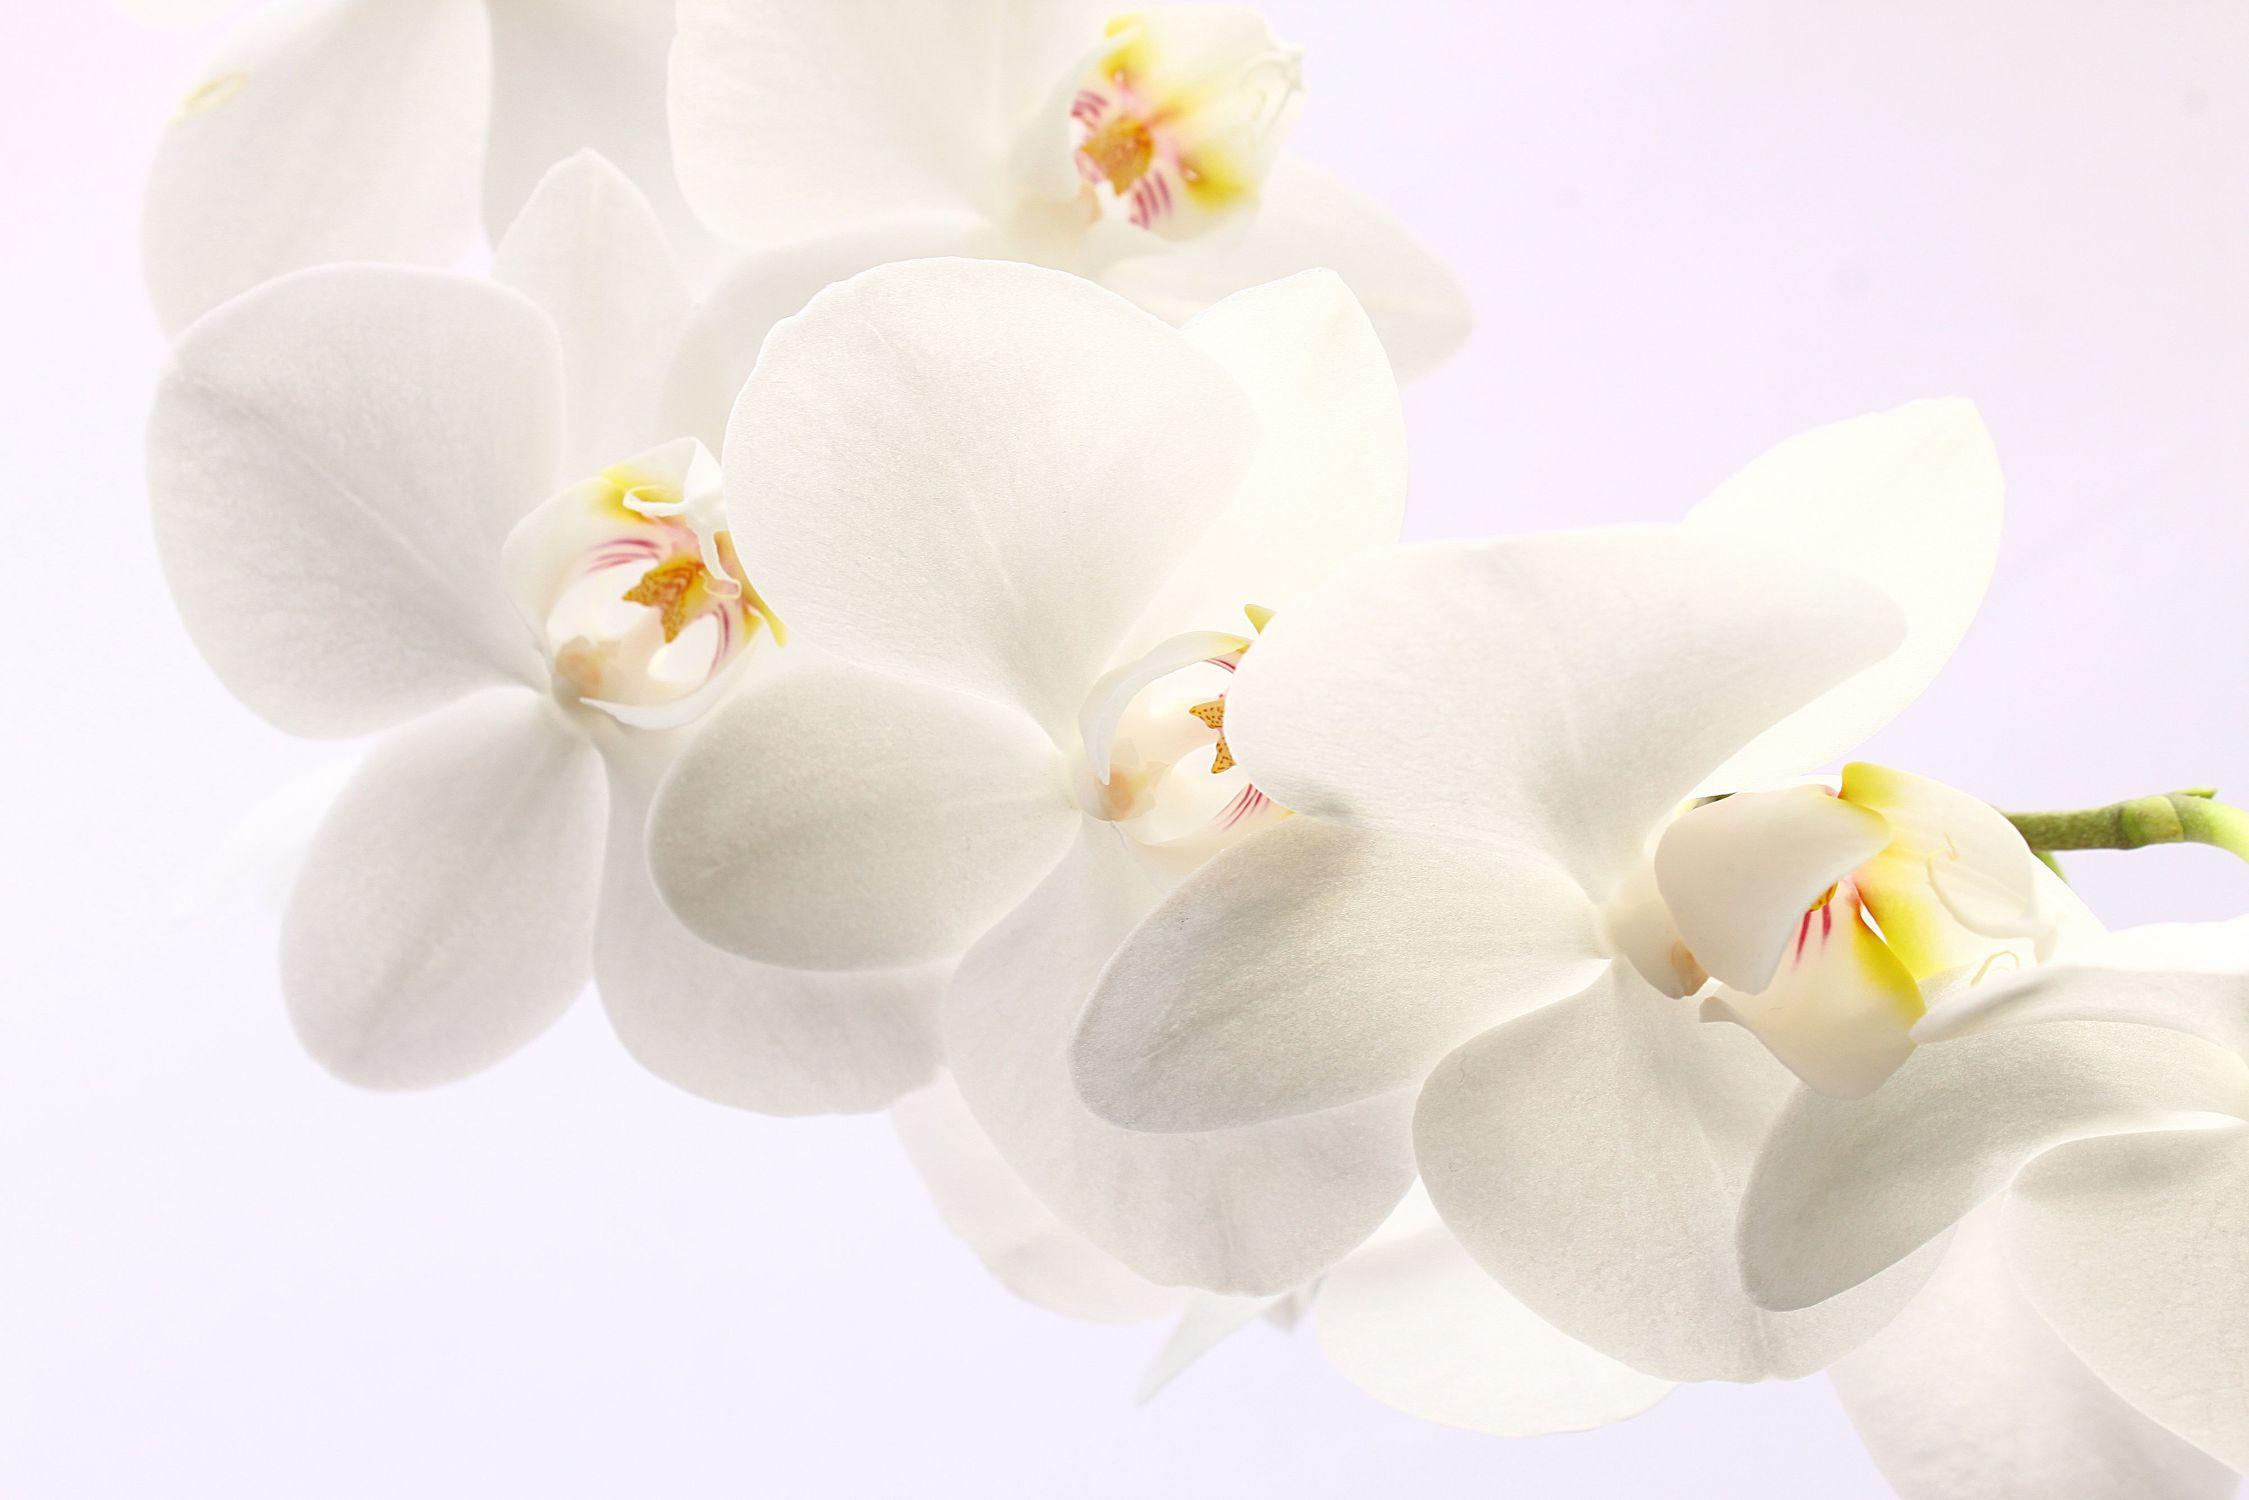 Bild mit Blumen, Weiß, Blume, Orchidee, Schönheit, Ast, Blumenbild, Zweig, orchideenbild